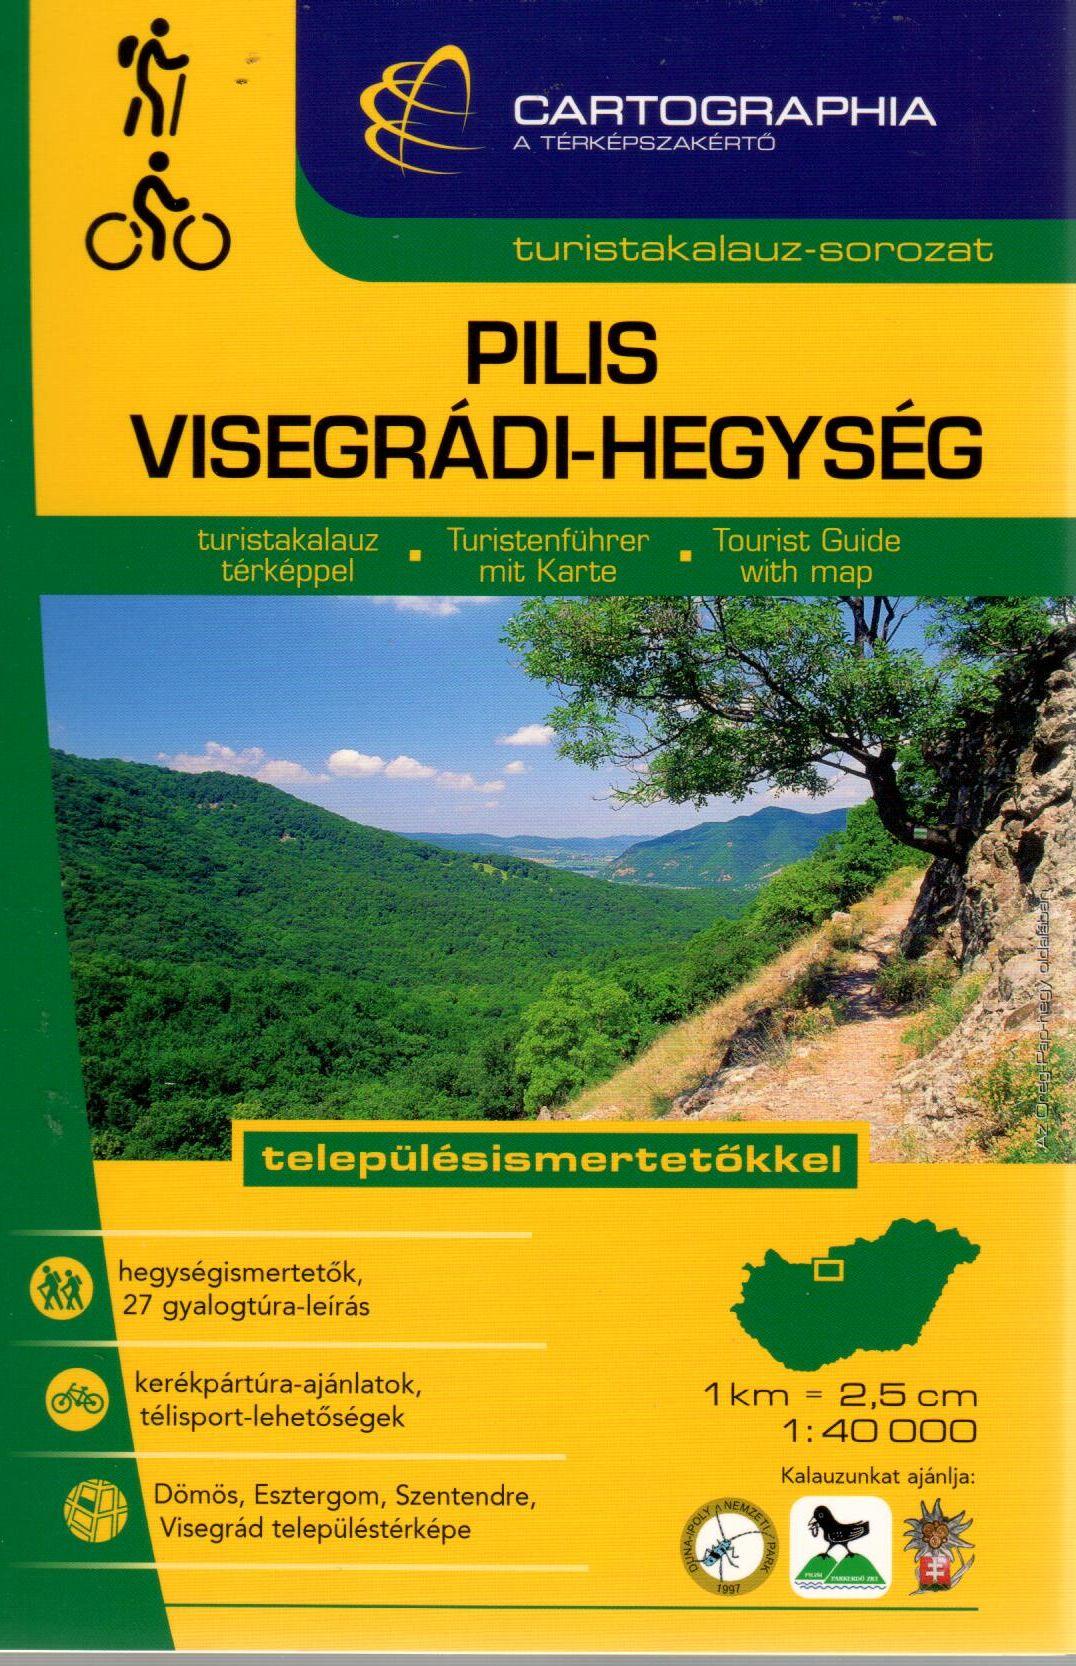 27 gyalogostúra leírás, 3 kerékpártúra ajánlat, településismertetőkkel, Dömös, Esztergom, Visegrád, Szentendre térképpel